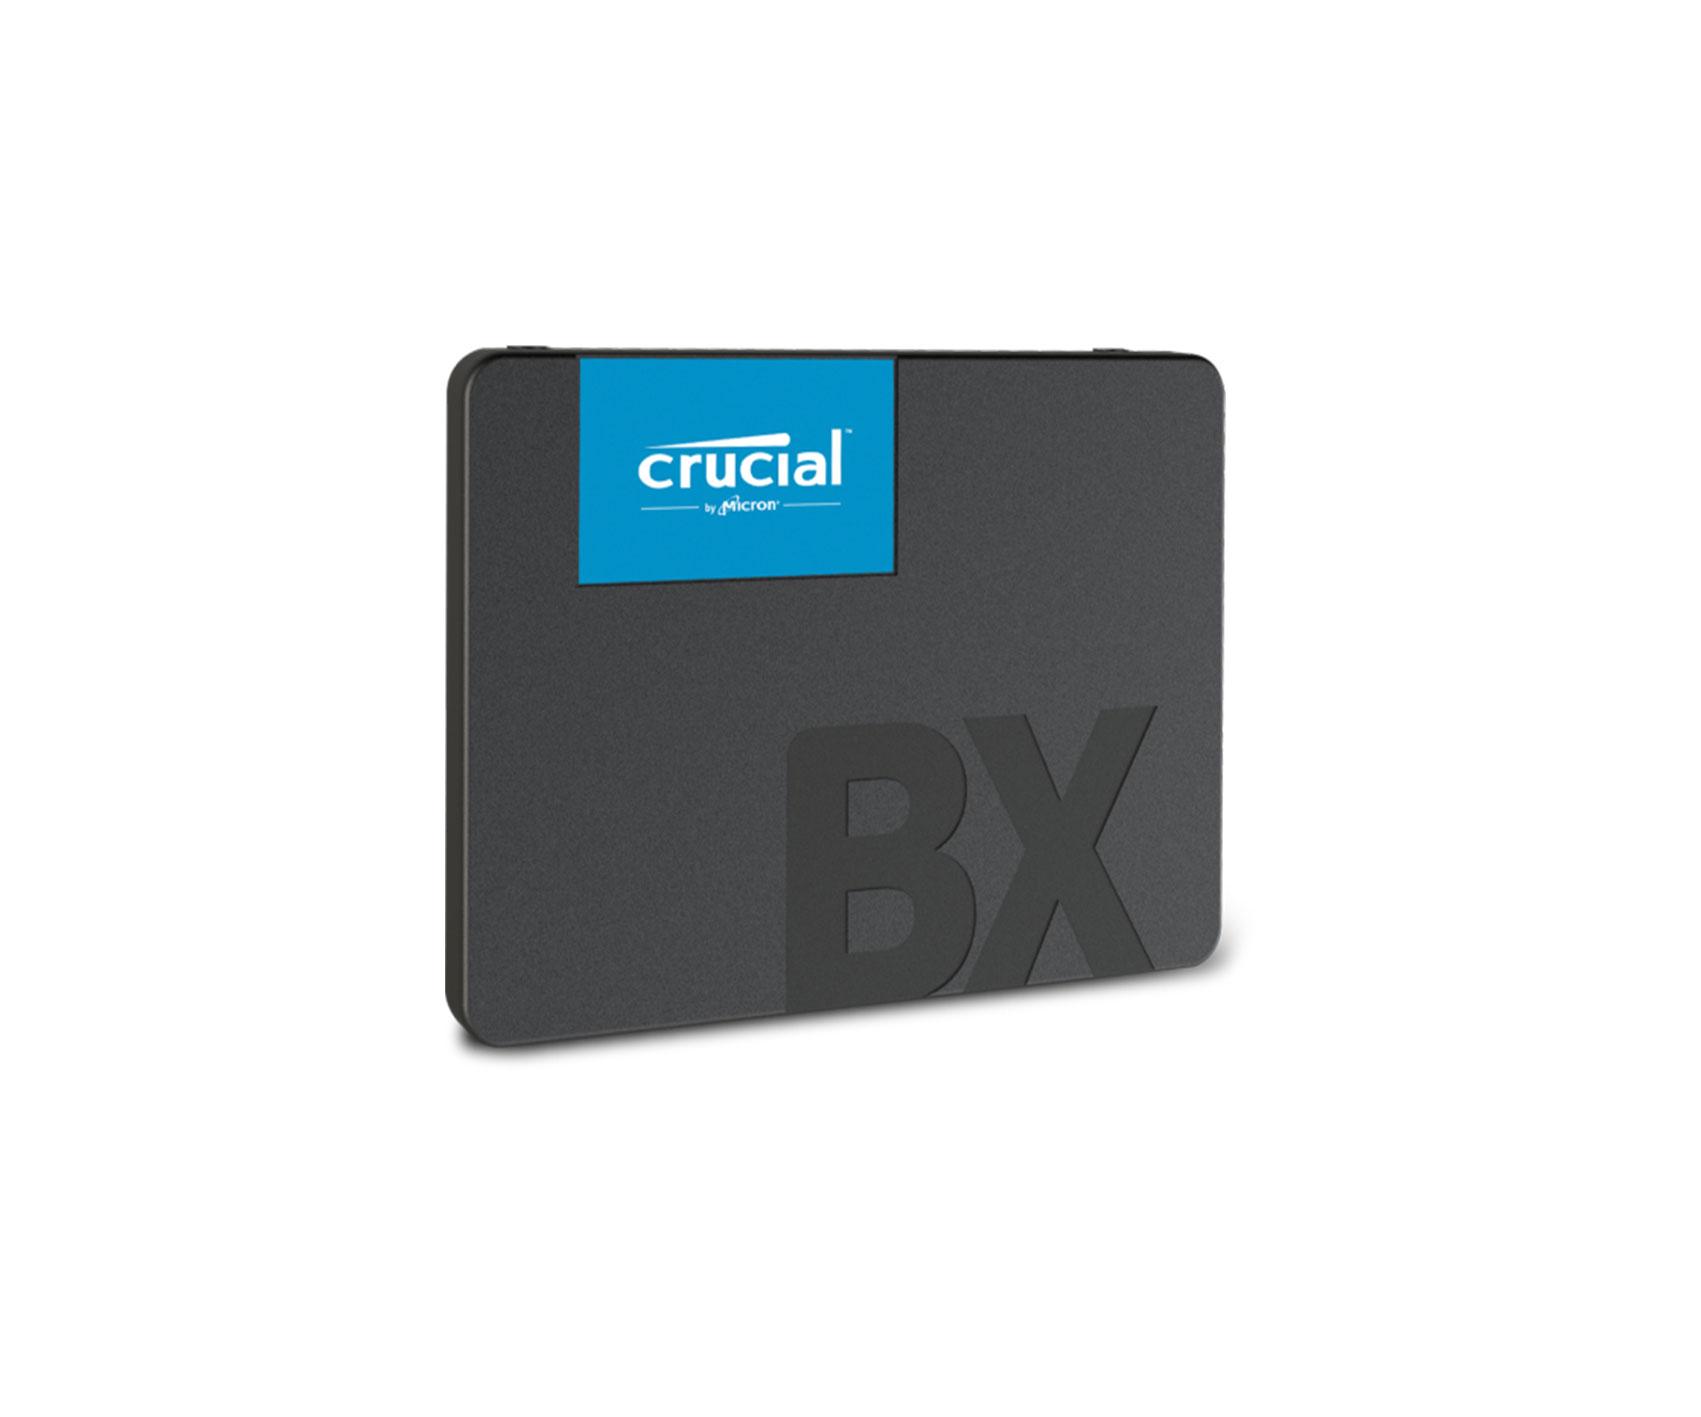 Crucial BX500 240GB SSD 2.5 inch